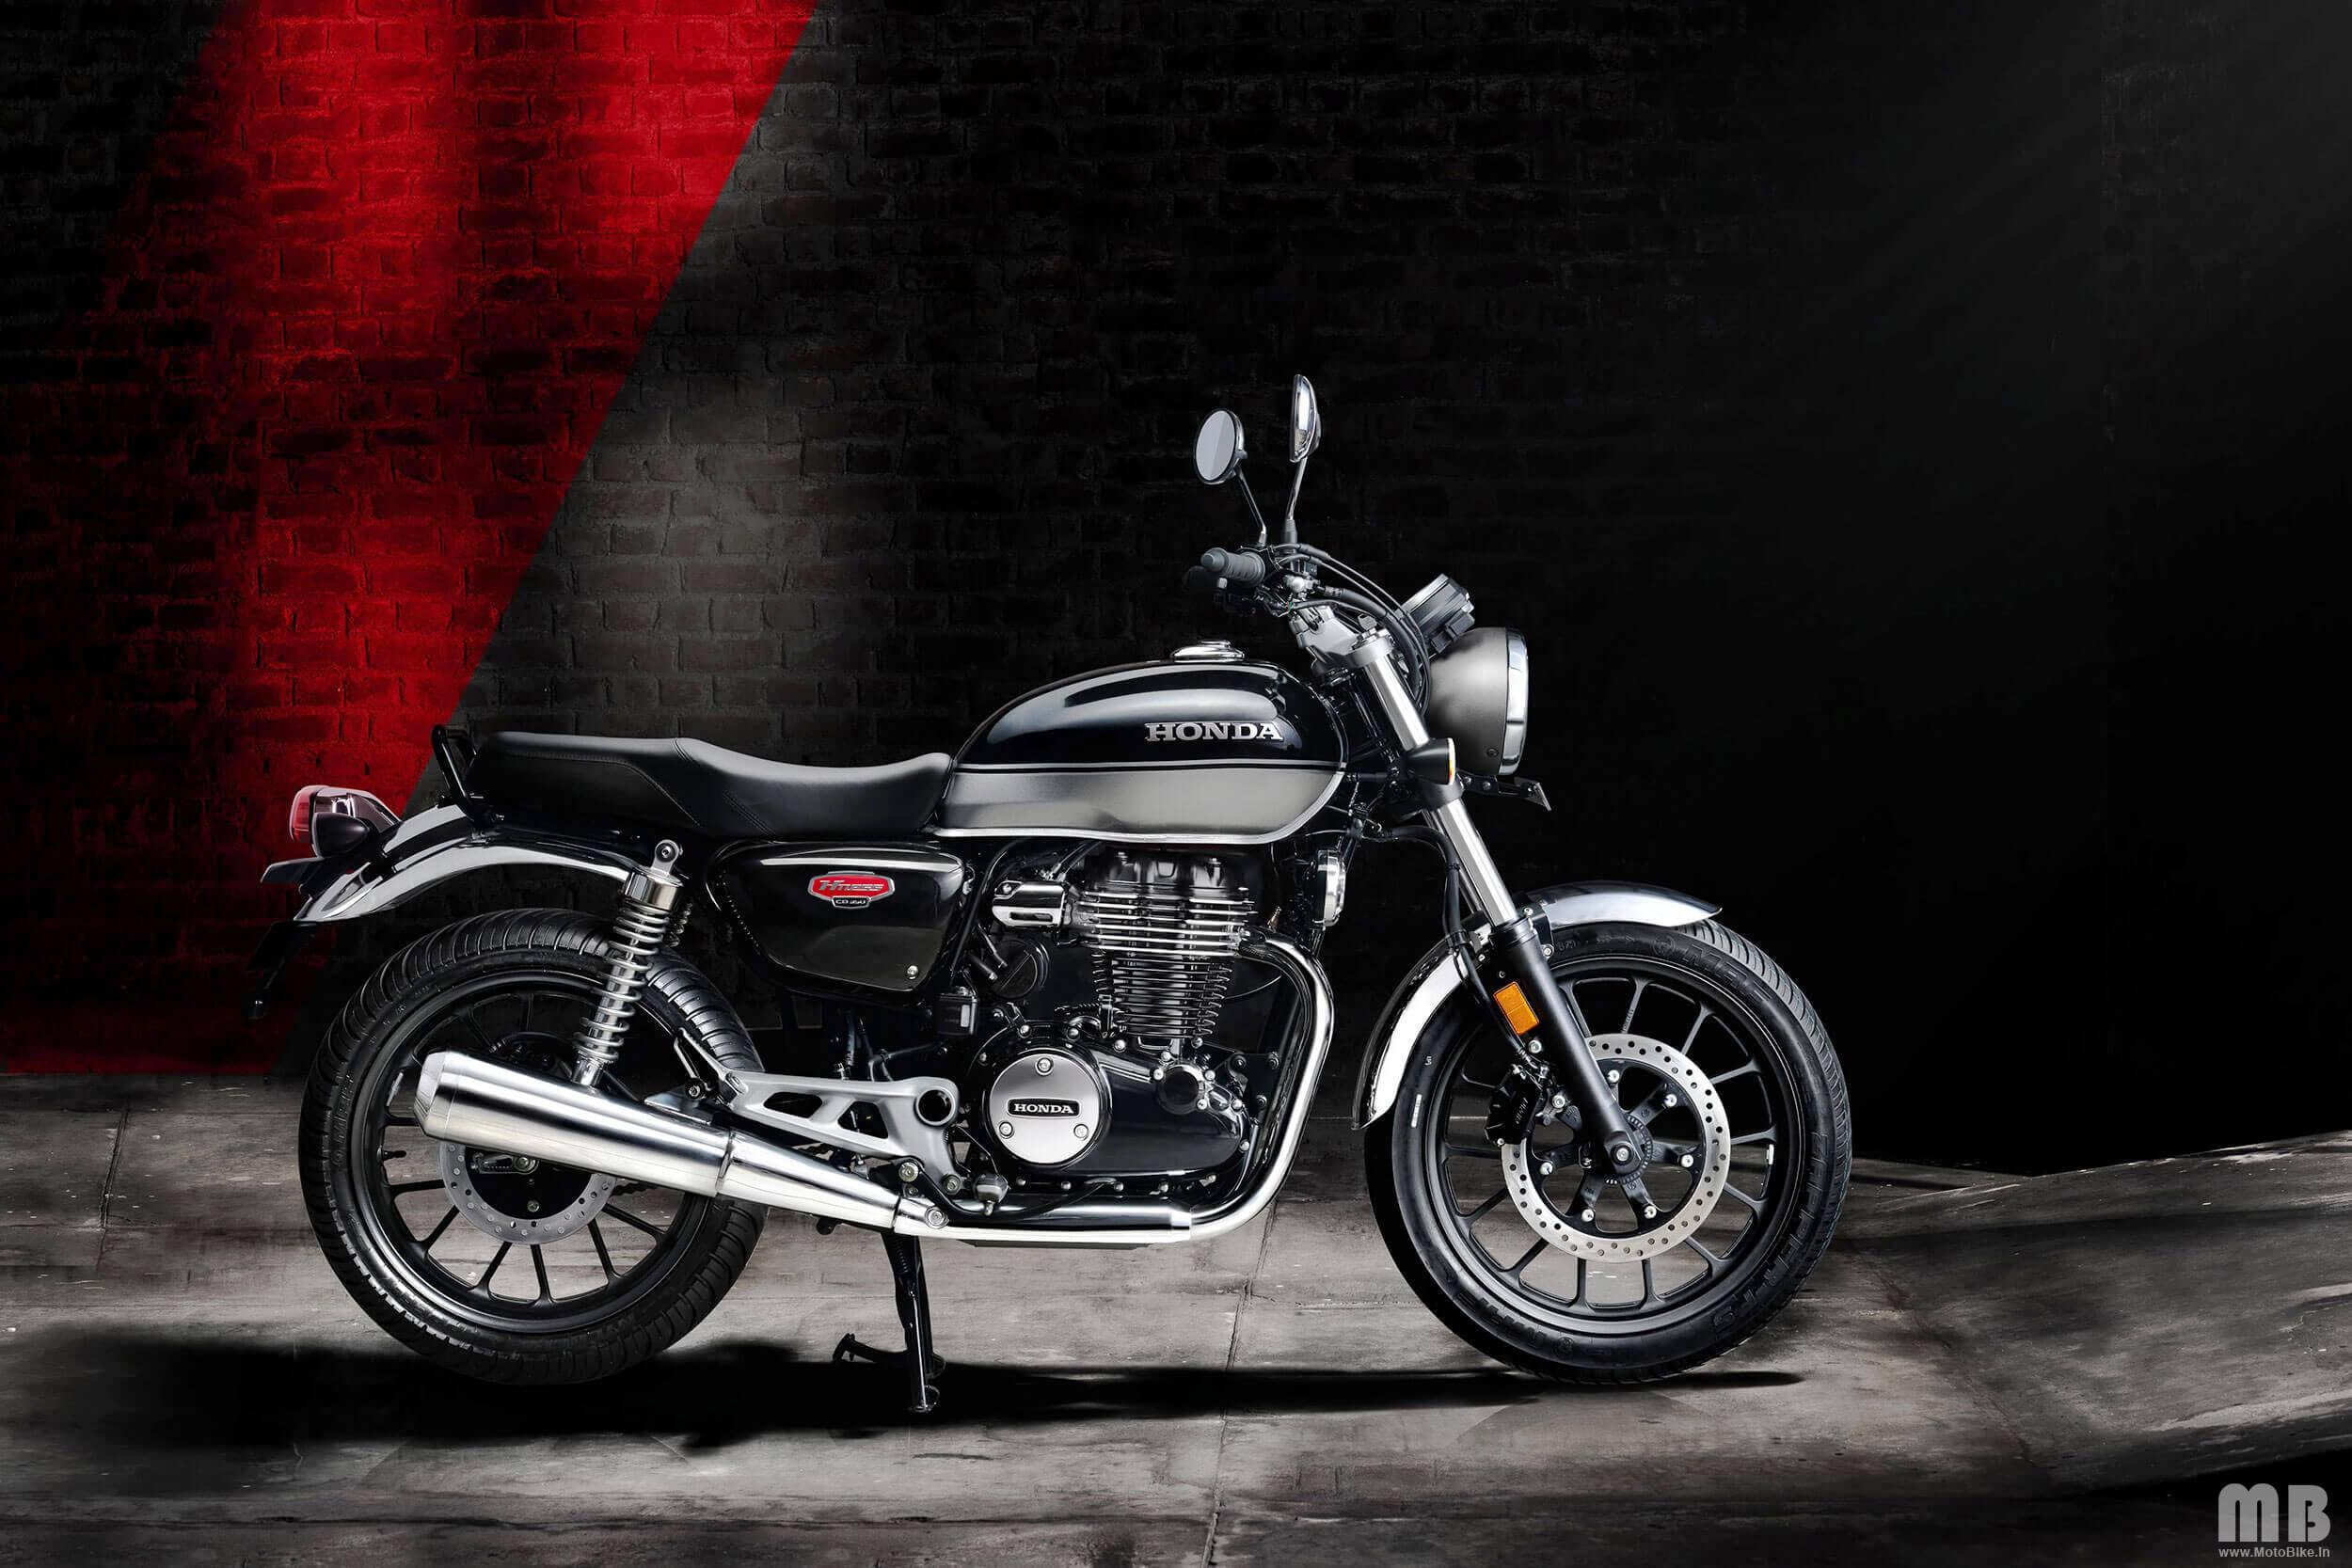 Honda H'ness CB350 BS6-DLX PRO